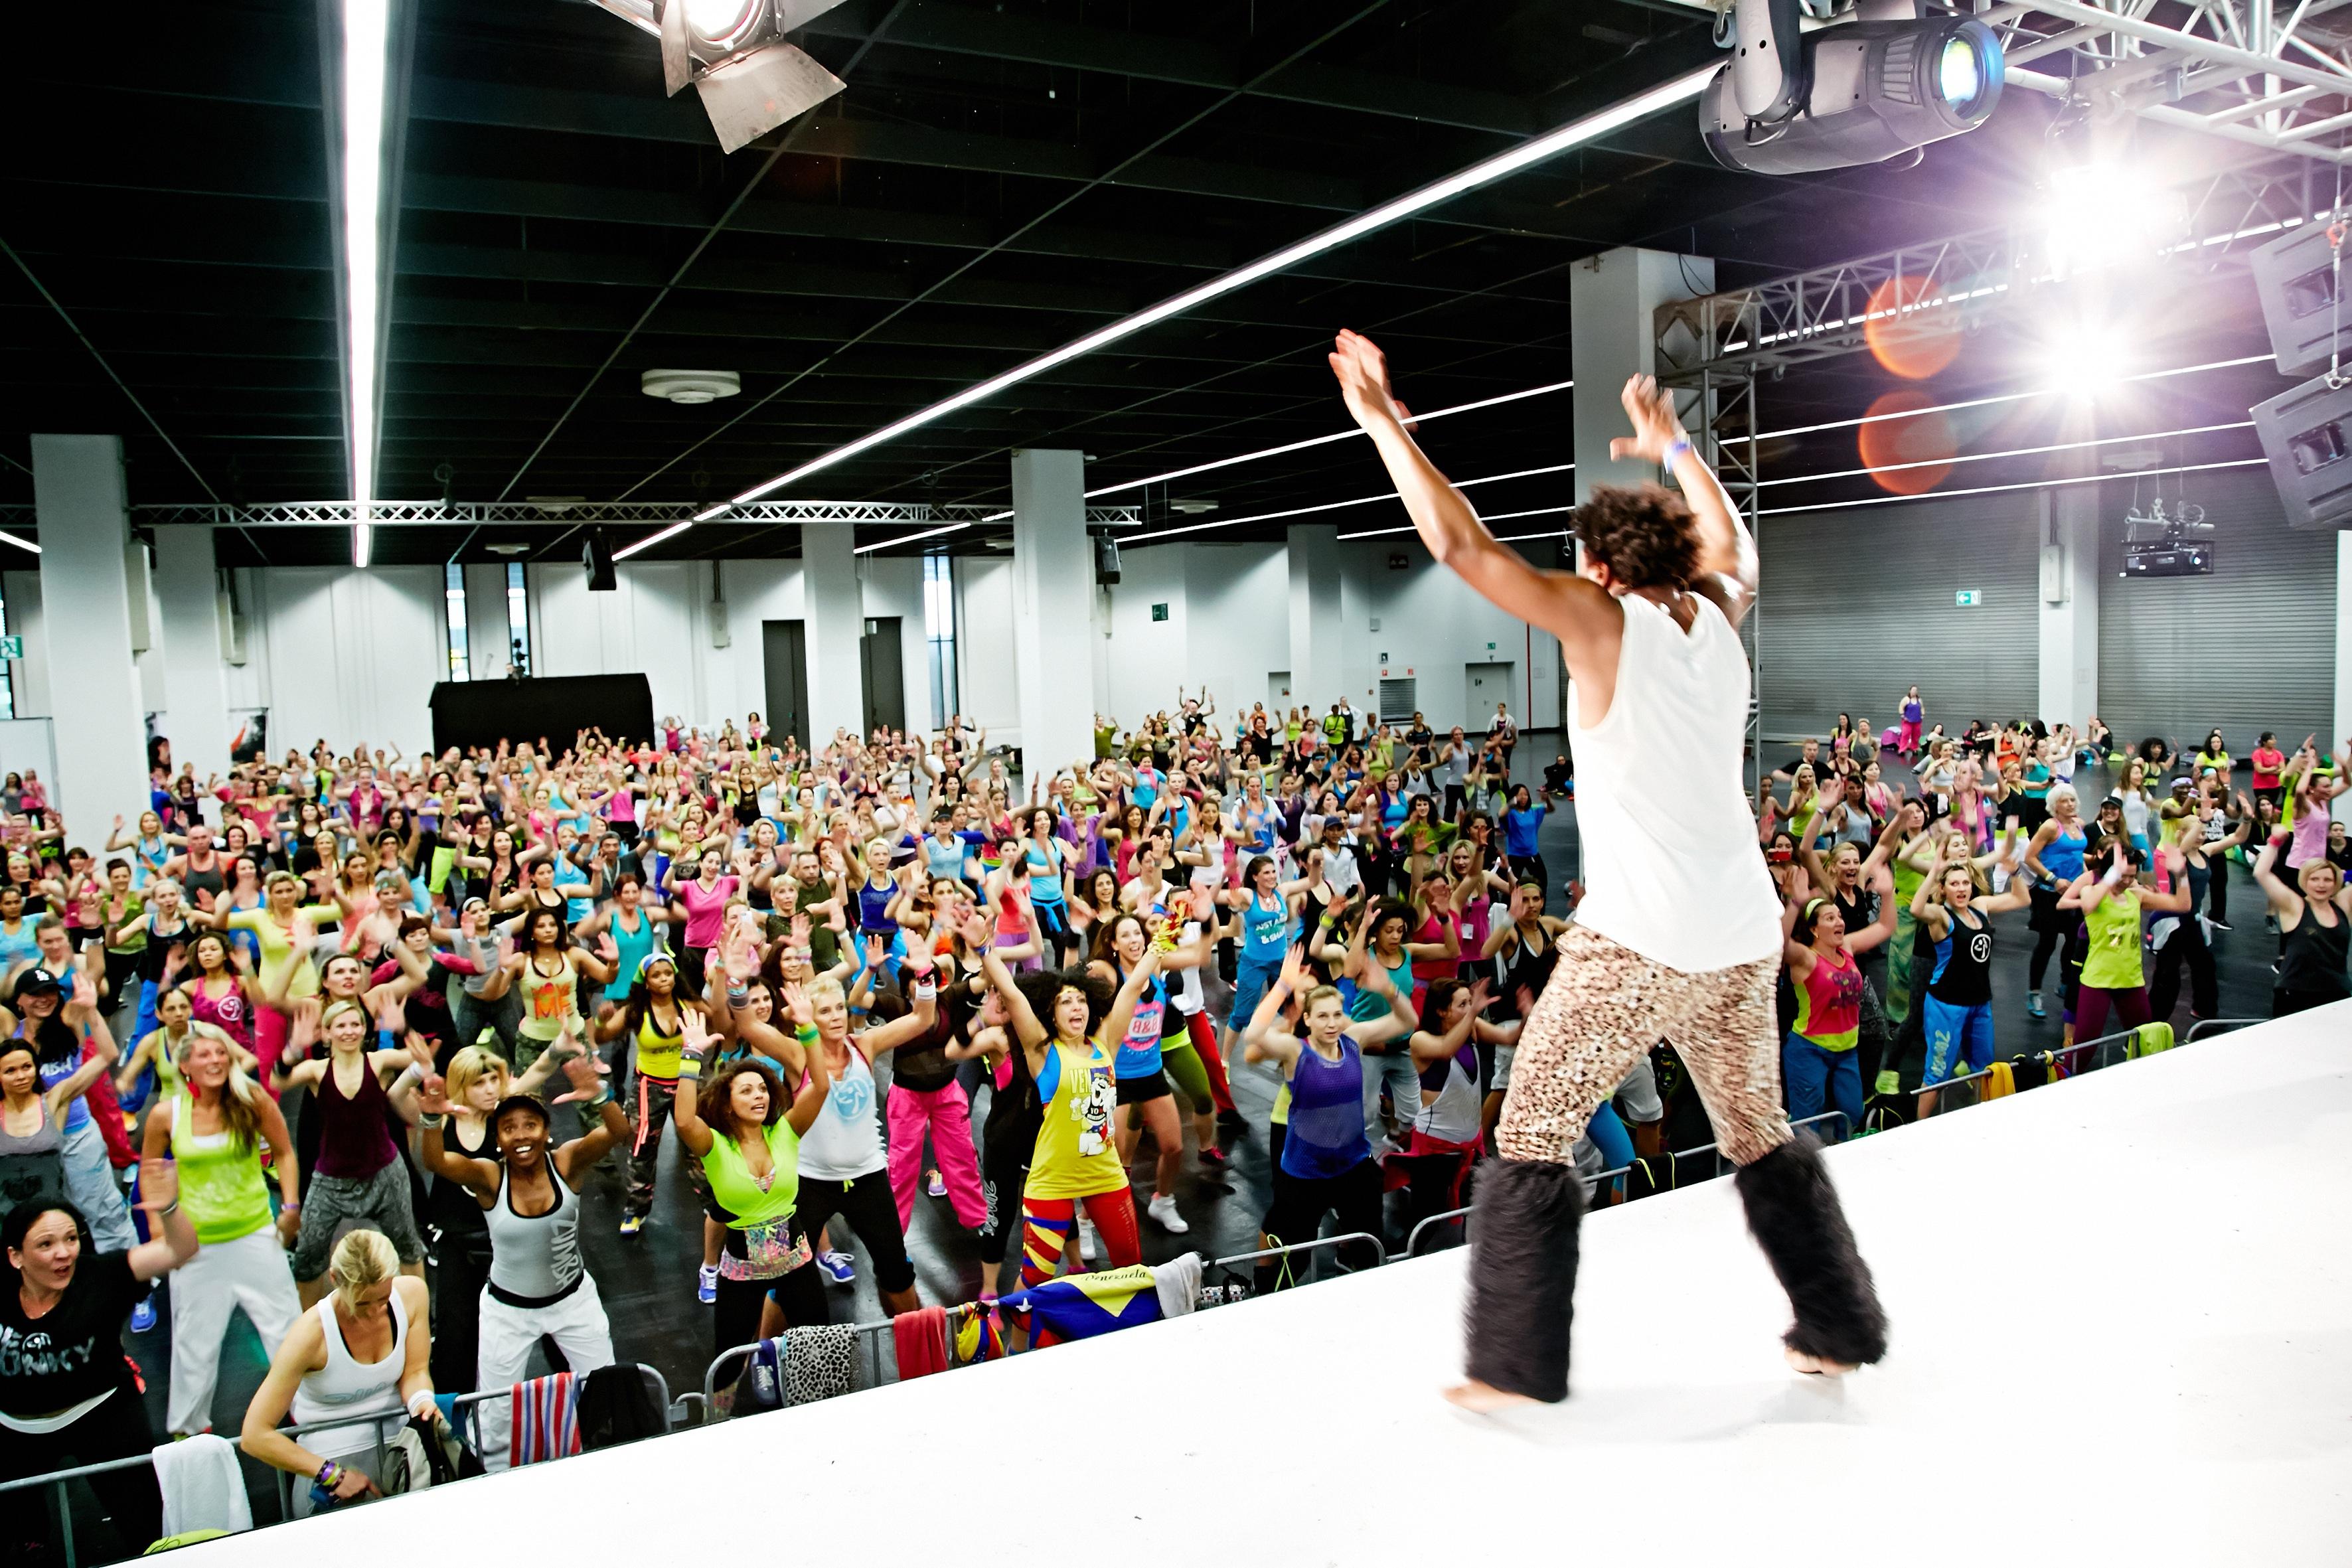 FIBO lässt Herzen der Fitnessfans höher schlagen (Foto: Behrendt & Rausch Fotografie)